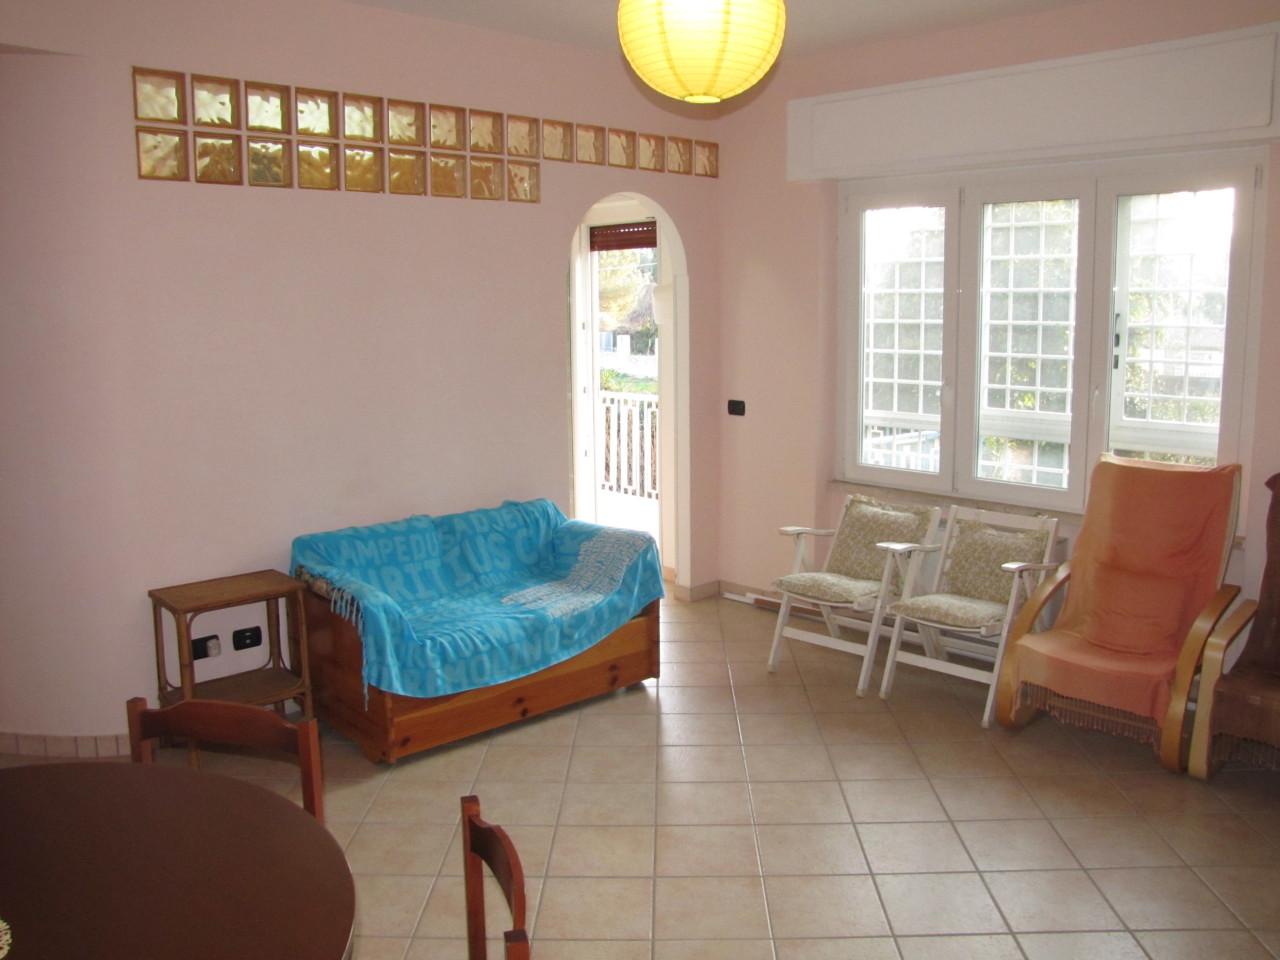 Appartamento ristrutturato in vendita Rif. 4162453